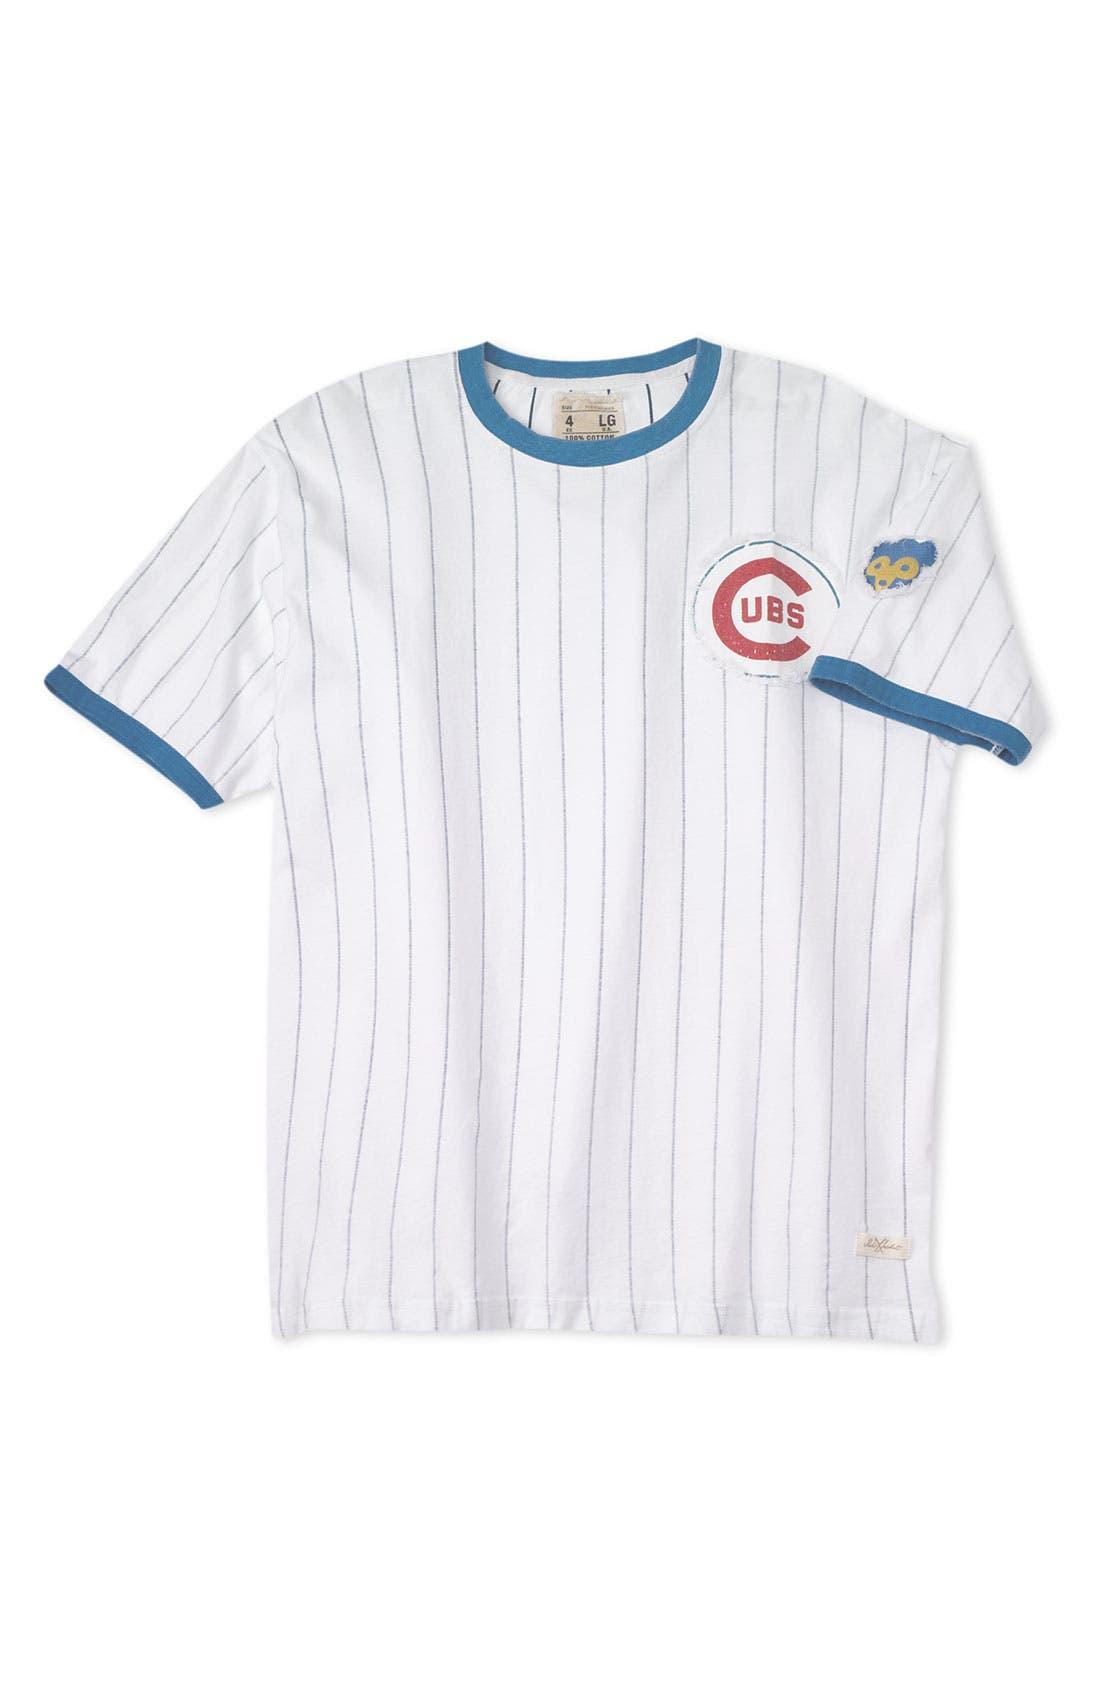 Alternate Image 1 Selected - Red Jacket 'Chicago Cubs' Crewneck T-Shirt (Men)